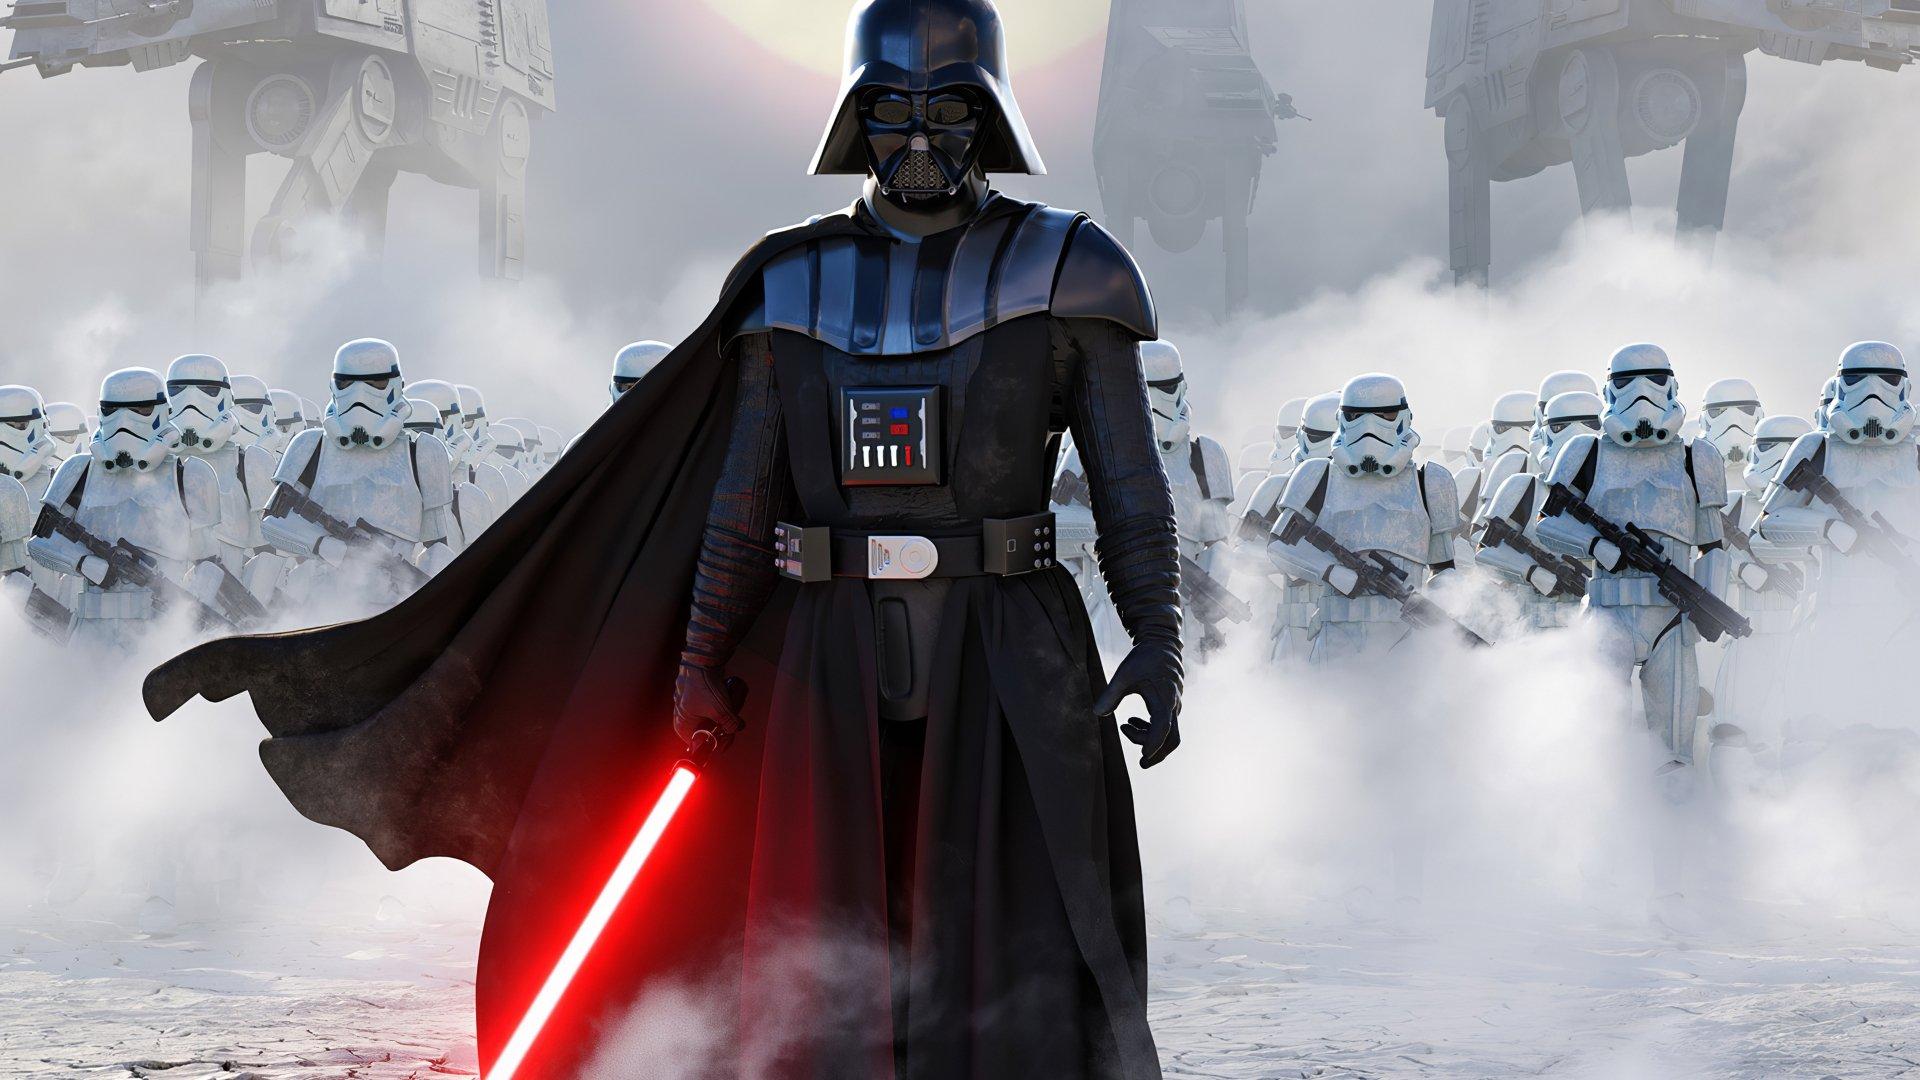 Imperail March Star Wars Wallpaper 4k Ultra HD ID:4496